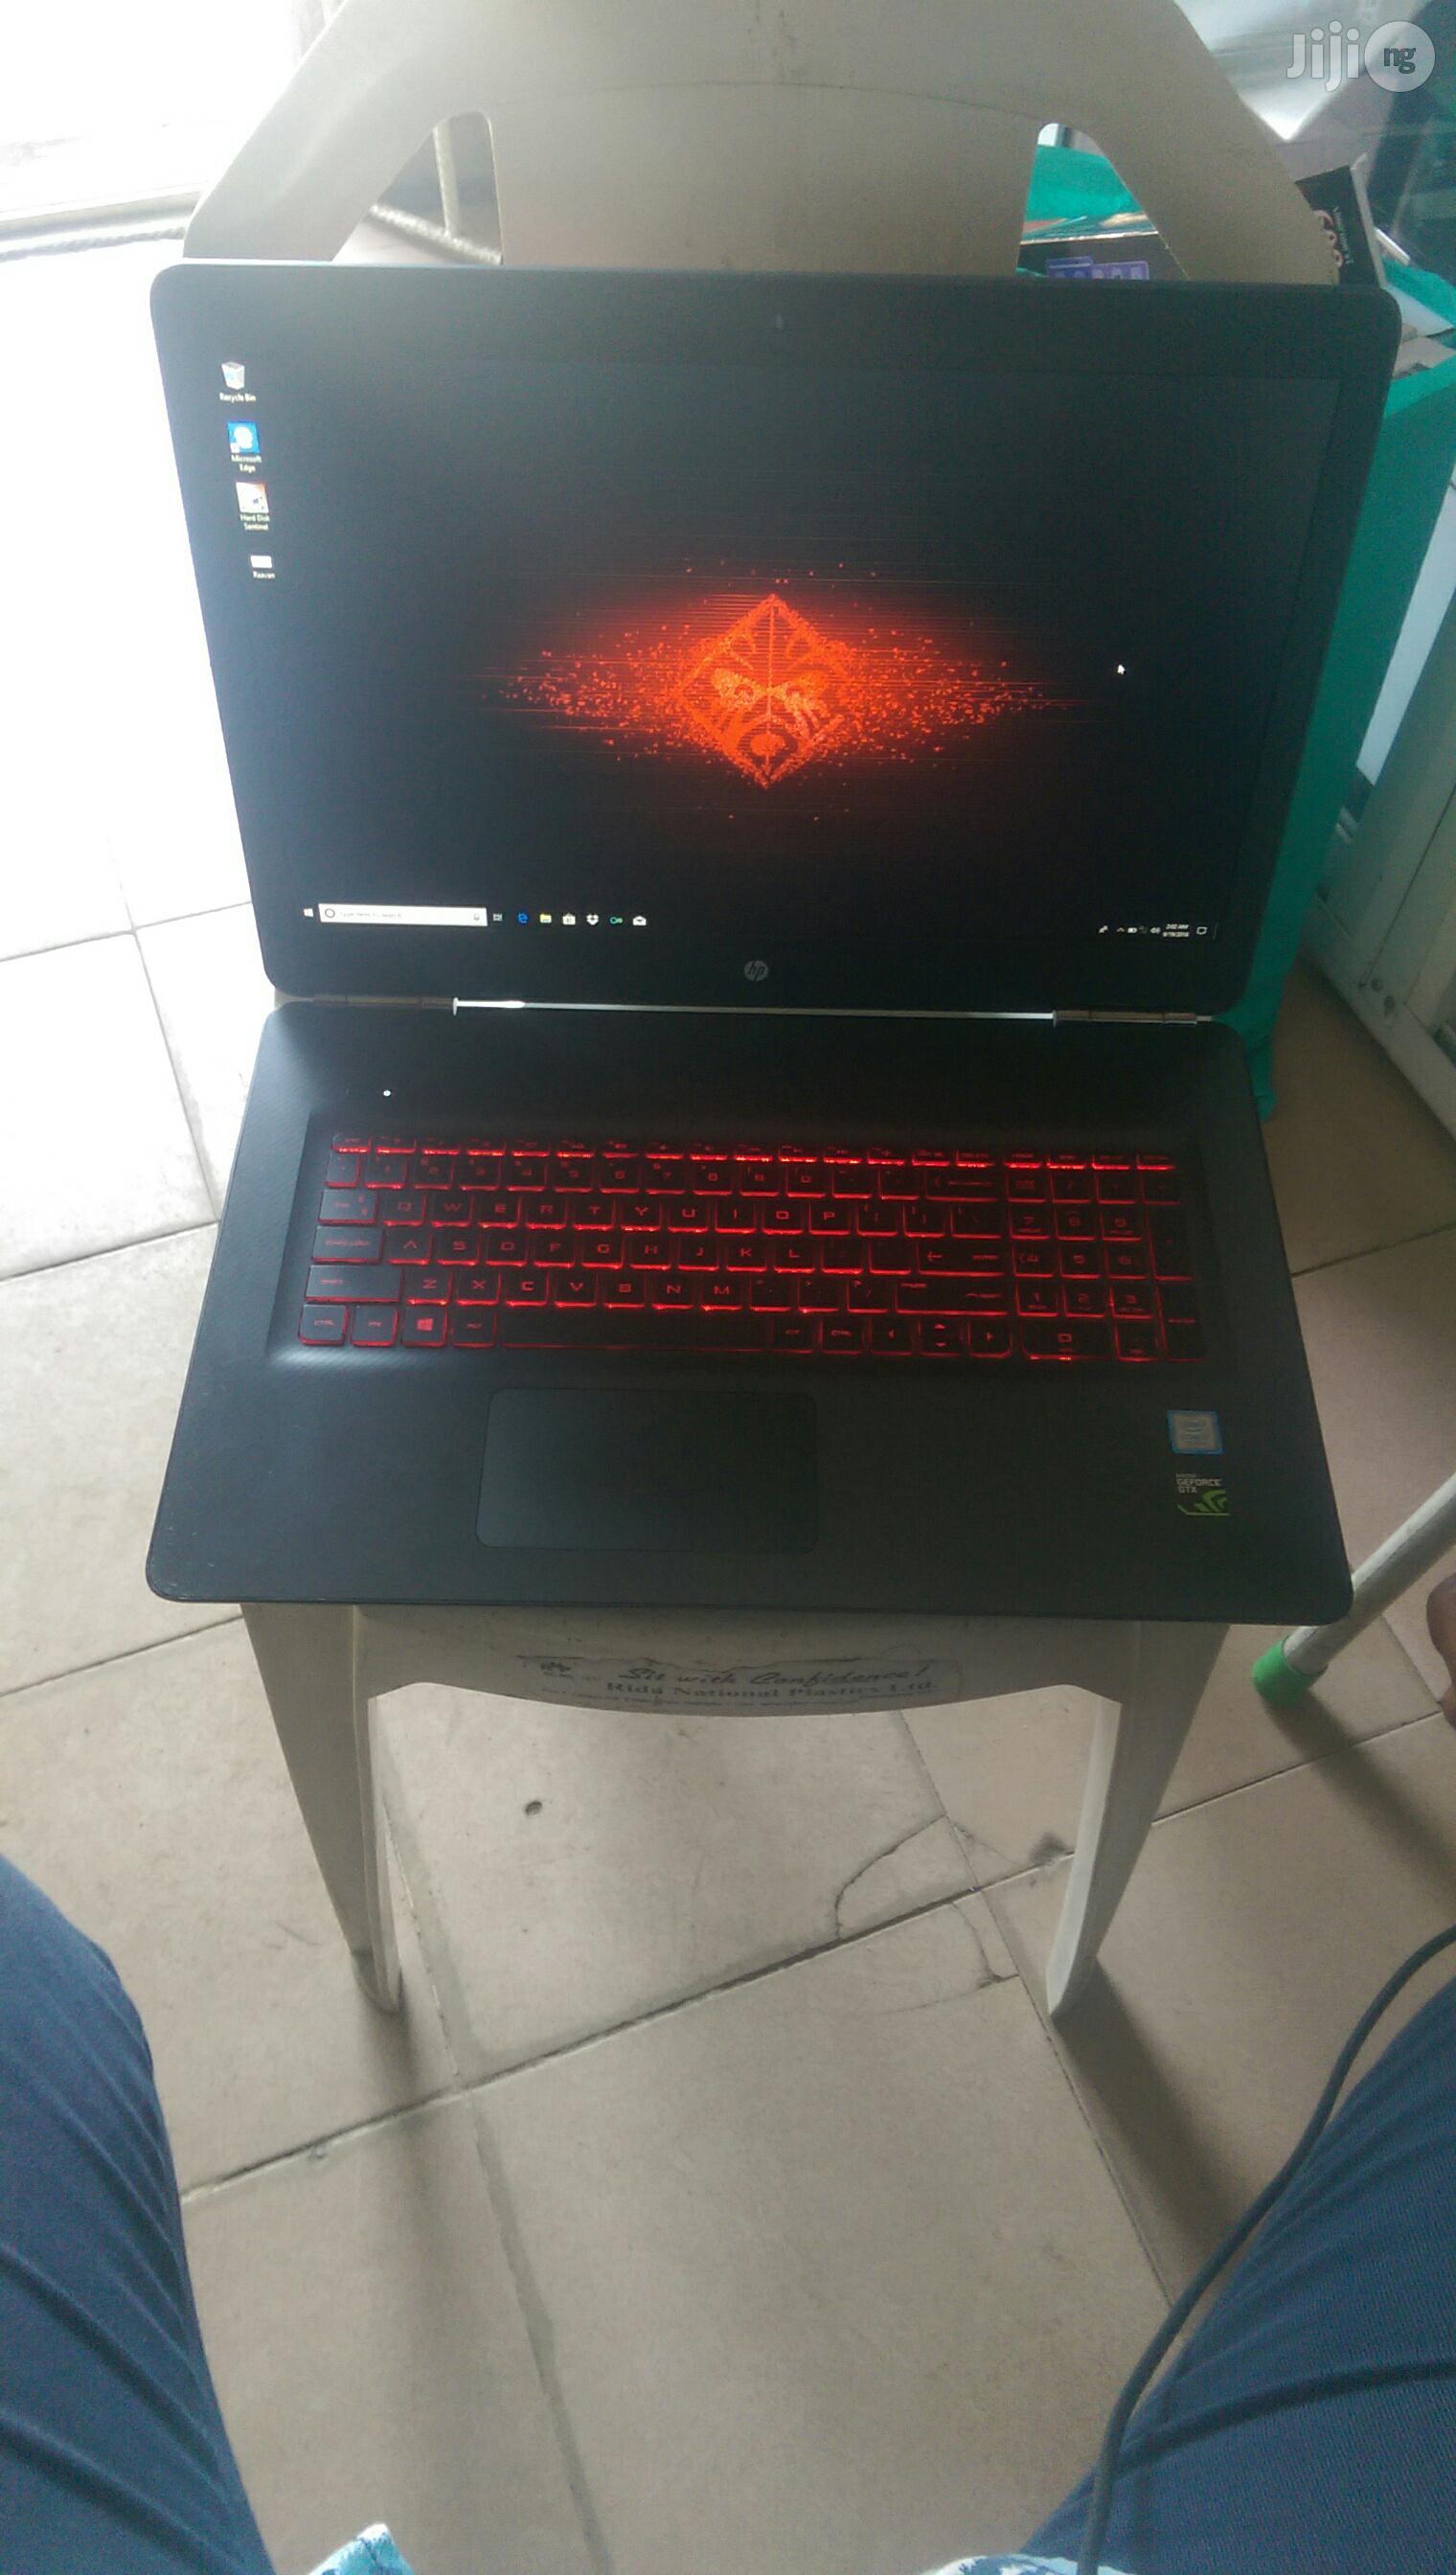 Laptop HP Omen 17 16GB Intel Core i7 SSHD (Hybrid) 1T